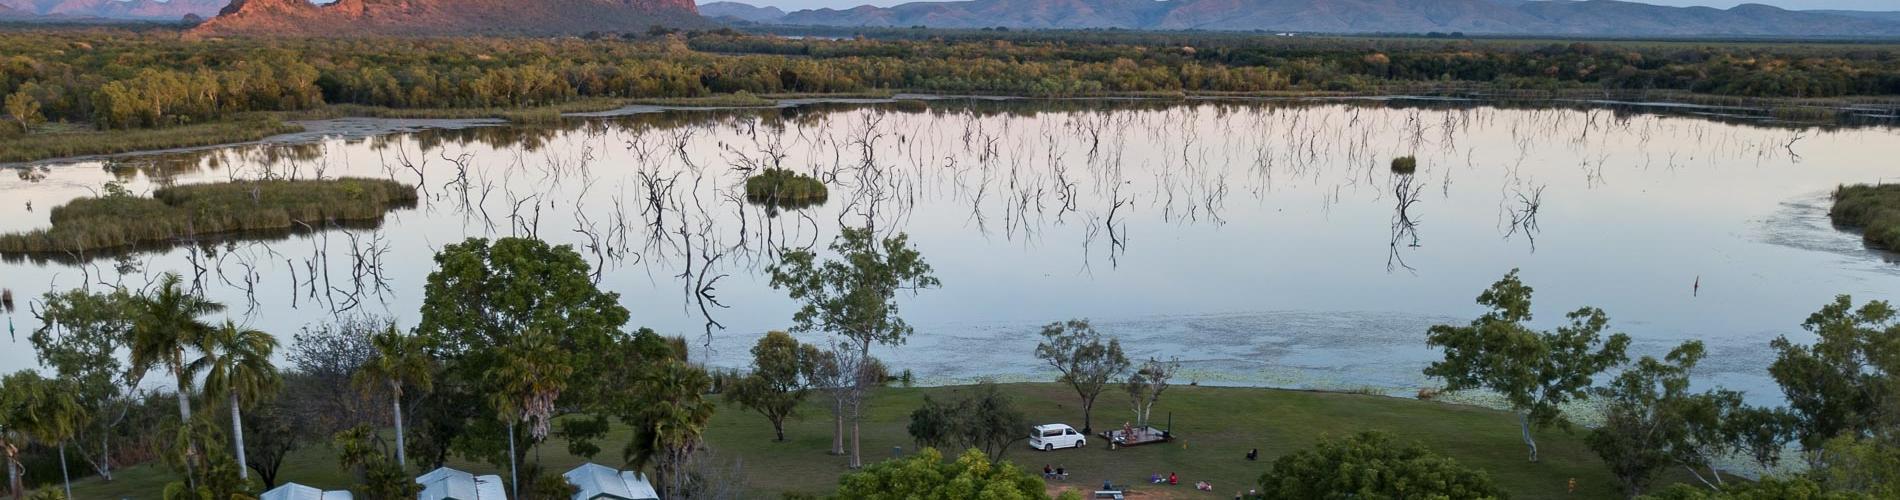 Aerial View of Kimberleyland